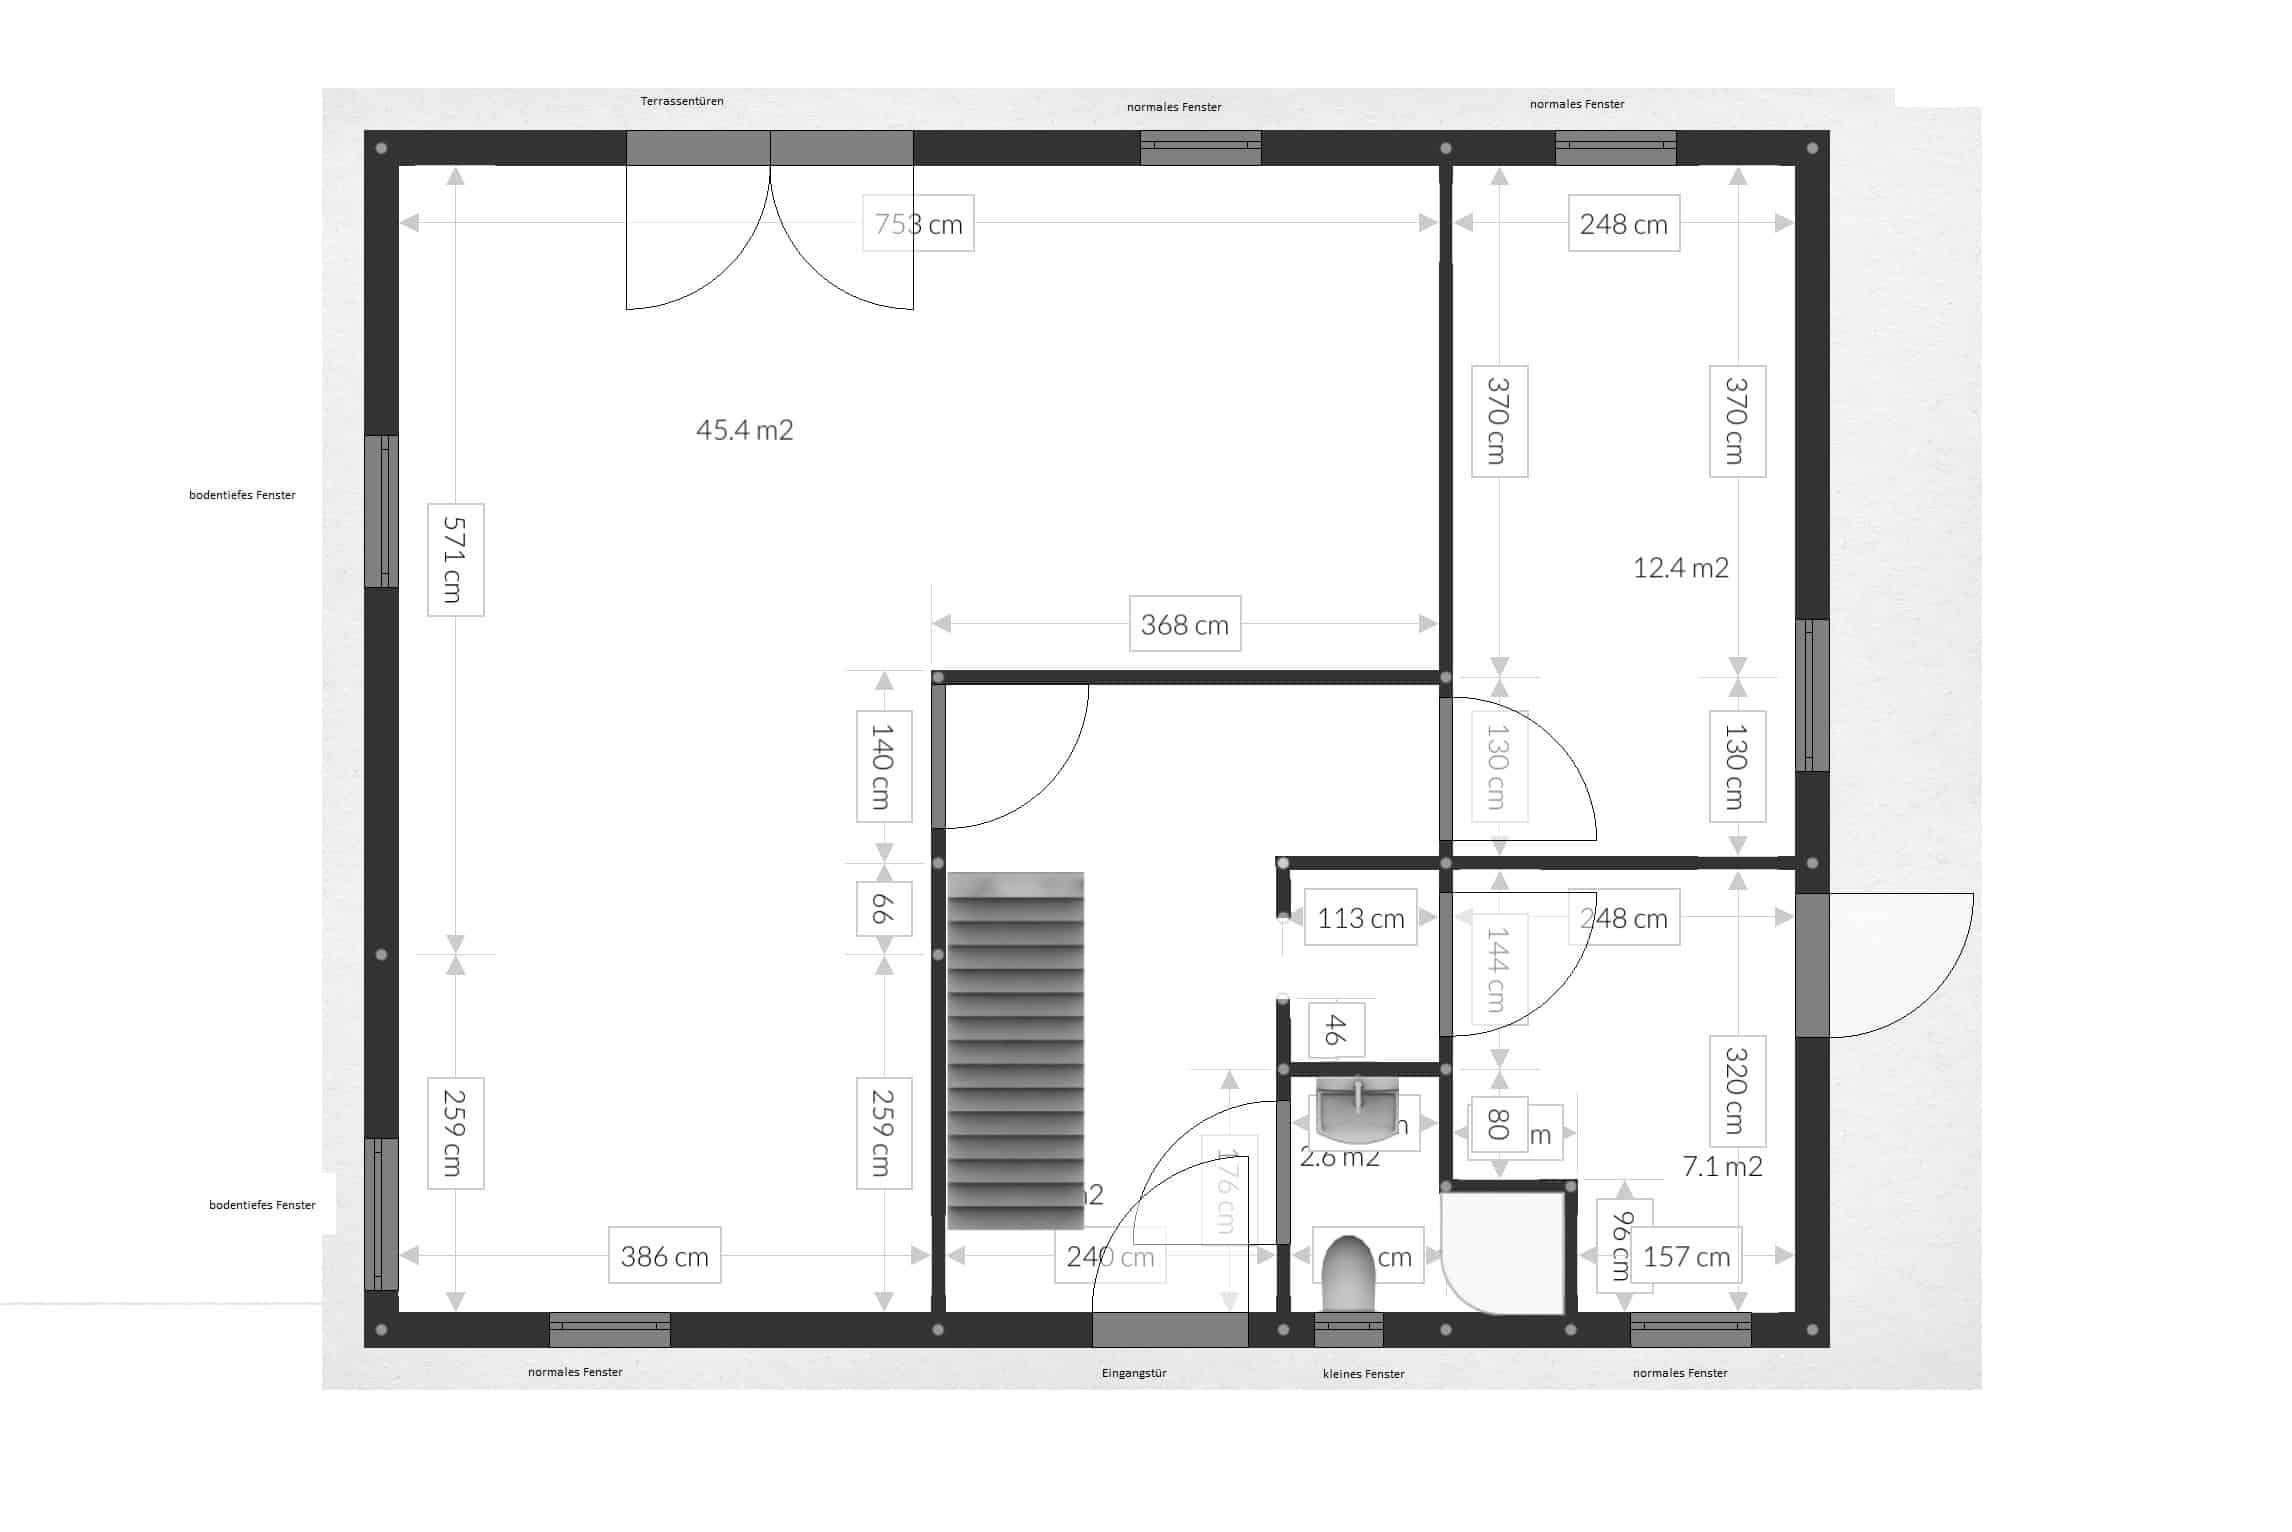 Einfacher grundriss  Grundrisse für das eigene Haus erstellen - Plötzlich Bauherr